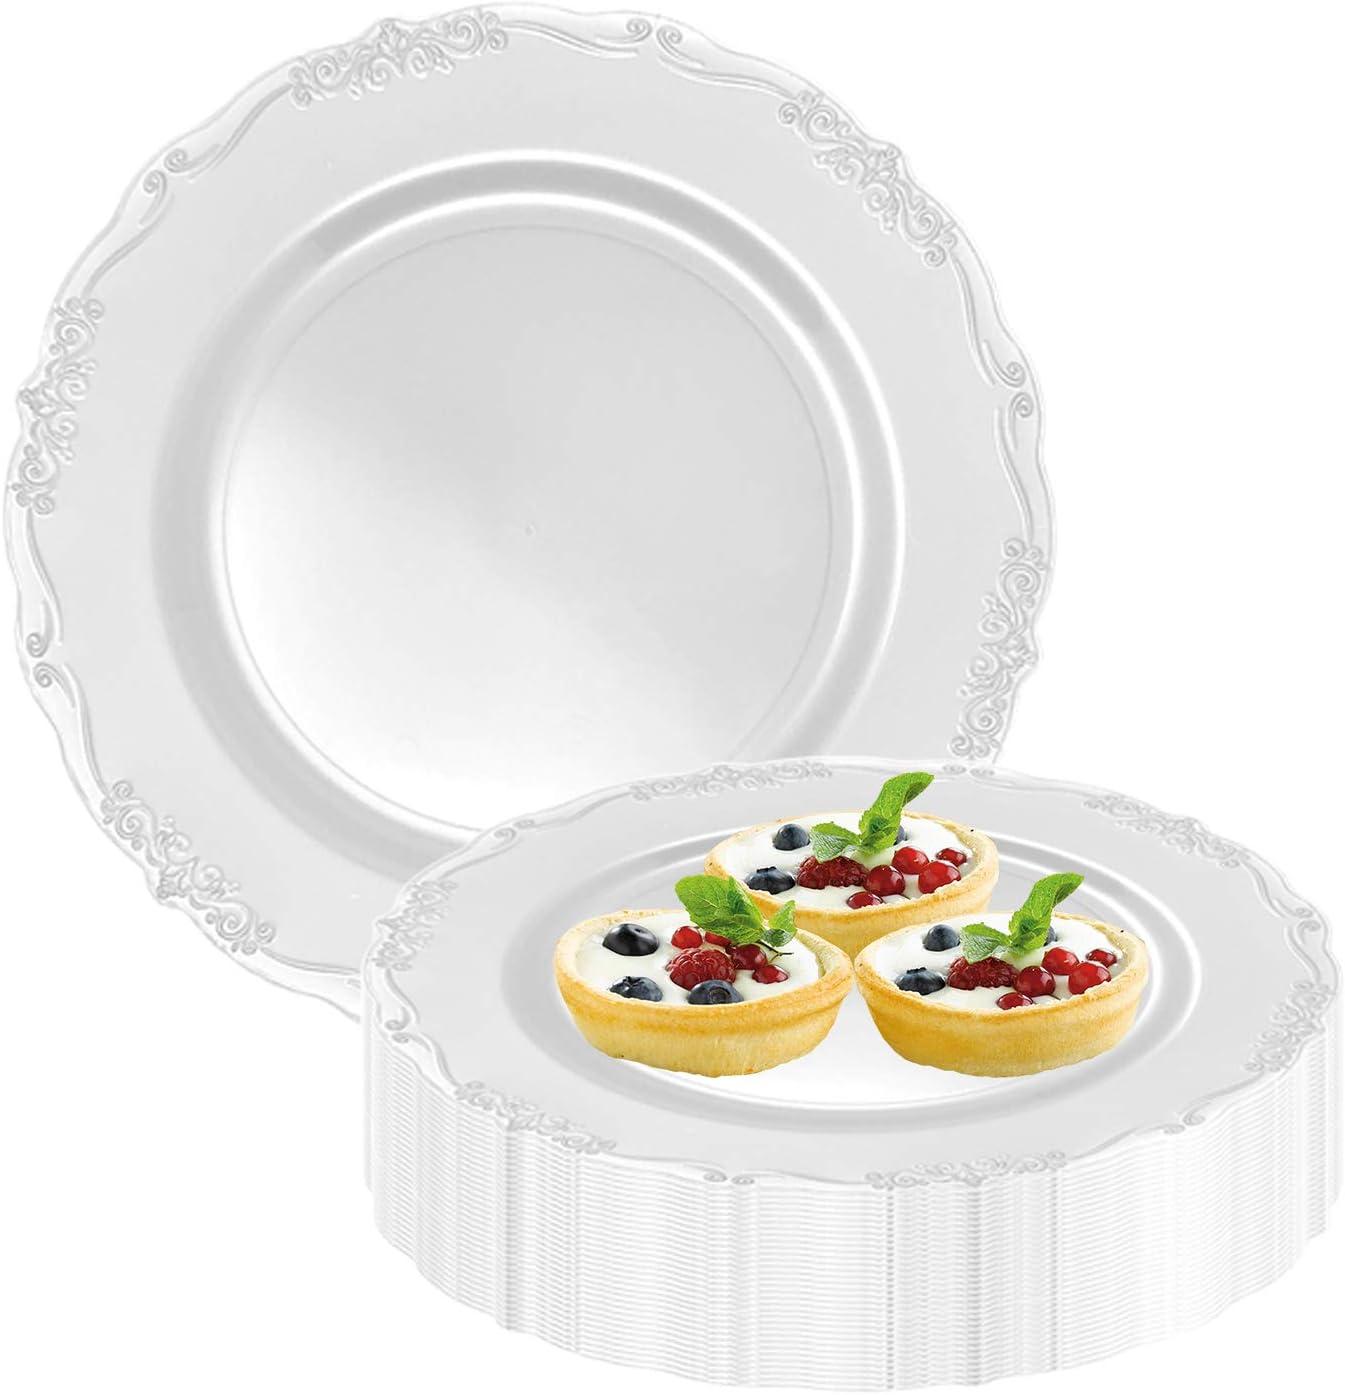 Elegant Disposable Plastic Dessert Plates 120 Pcs Our shop OFFers Deluxe the best service 7.5